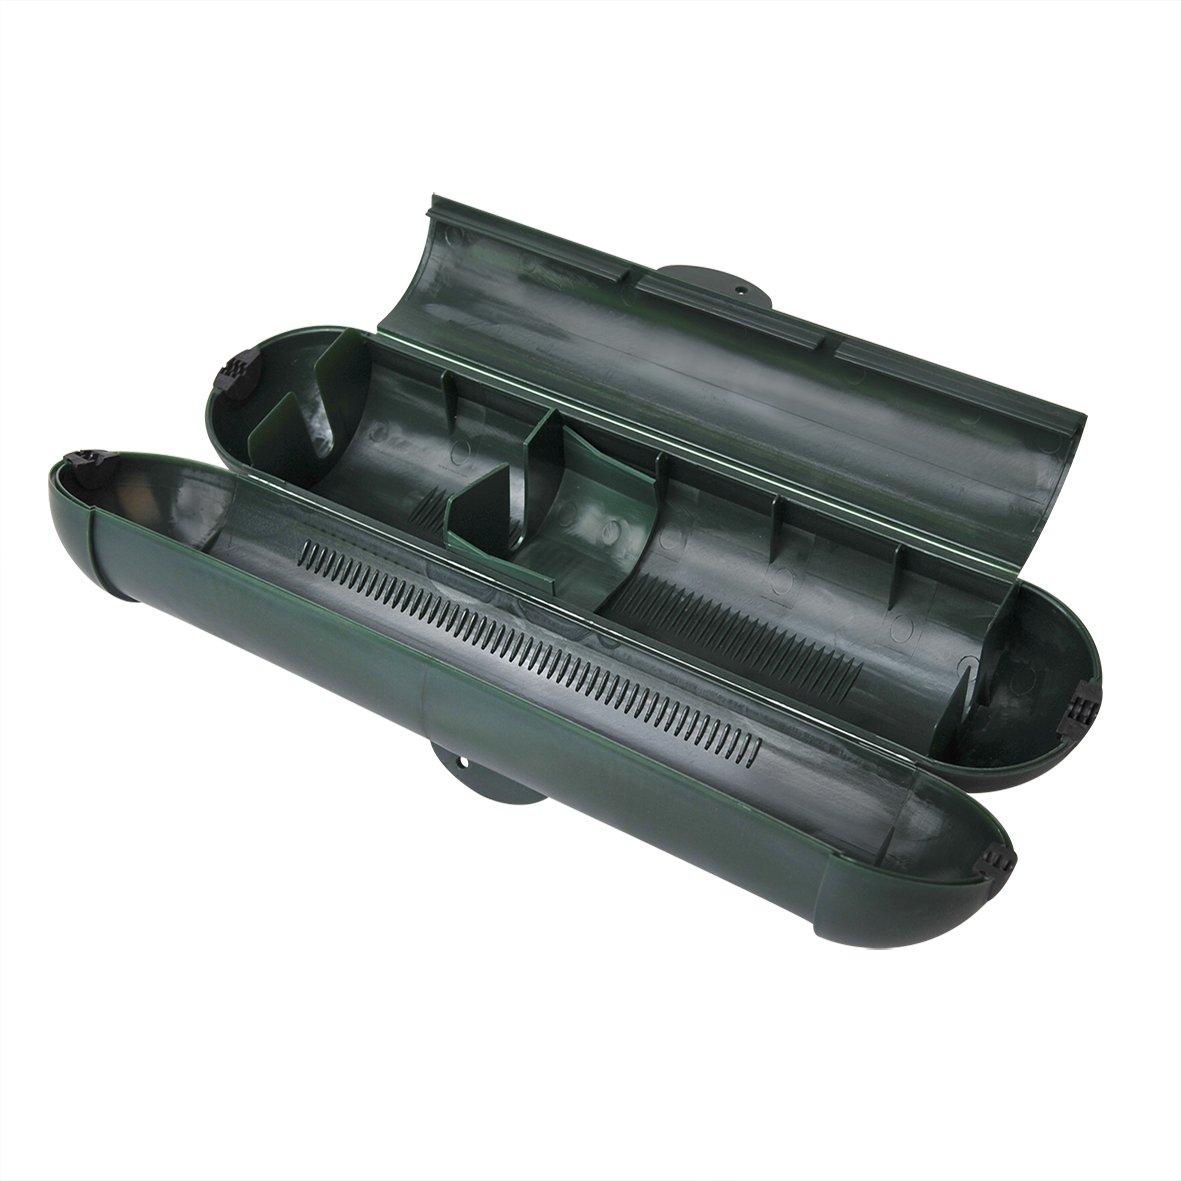 ProPlus 420356 Sicherheitsbox f/ür CEE Stecker